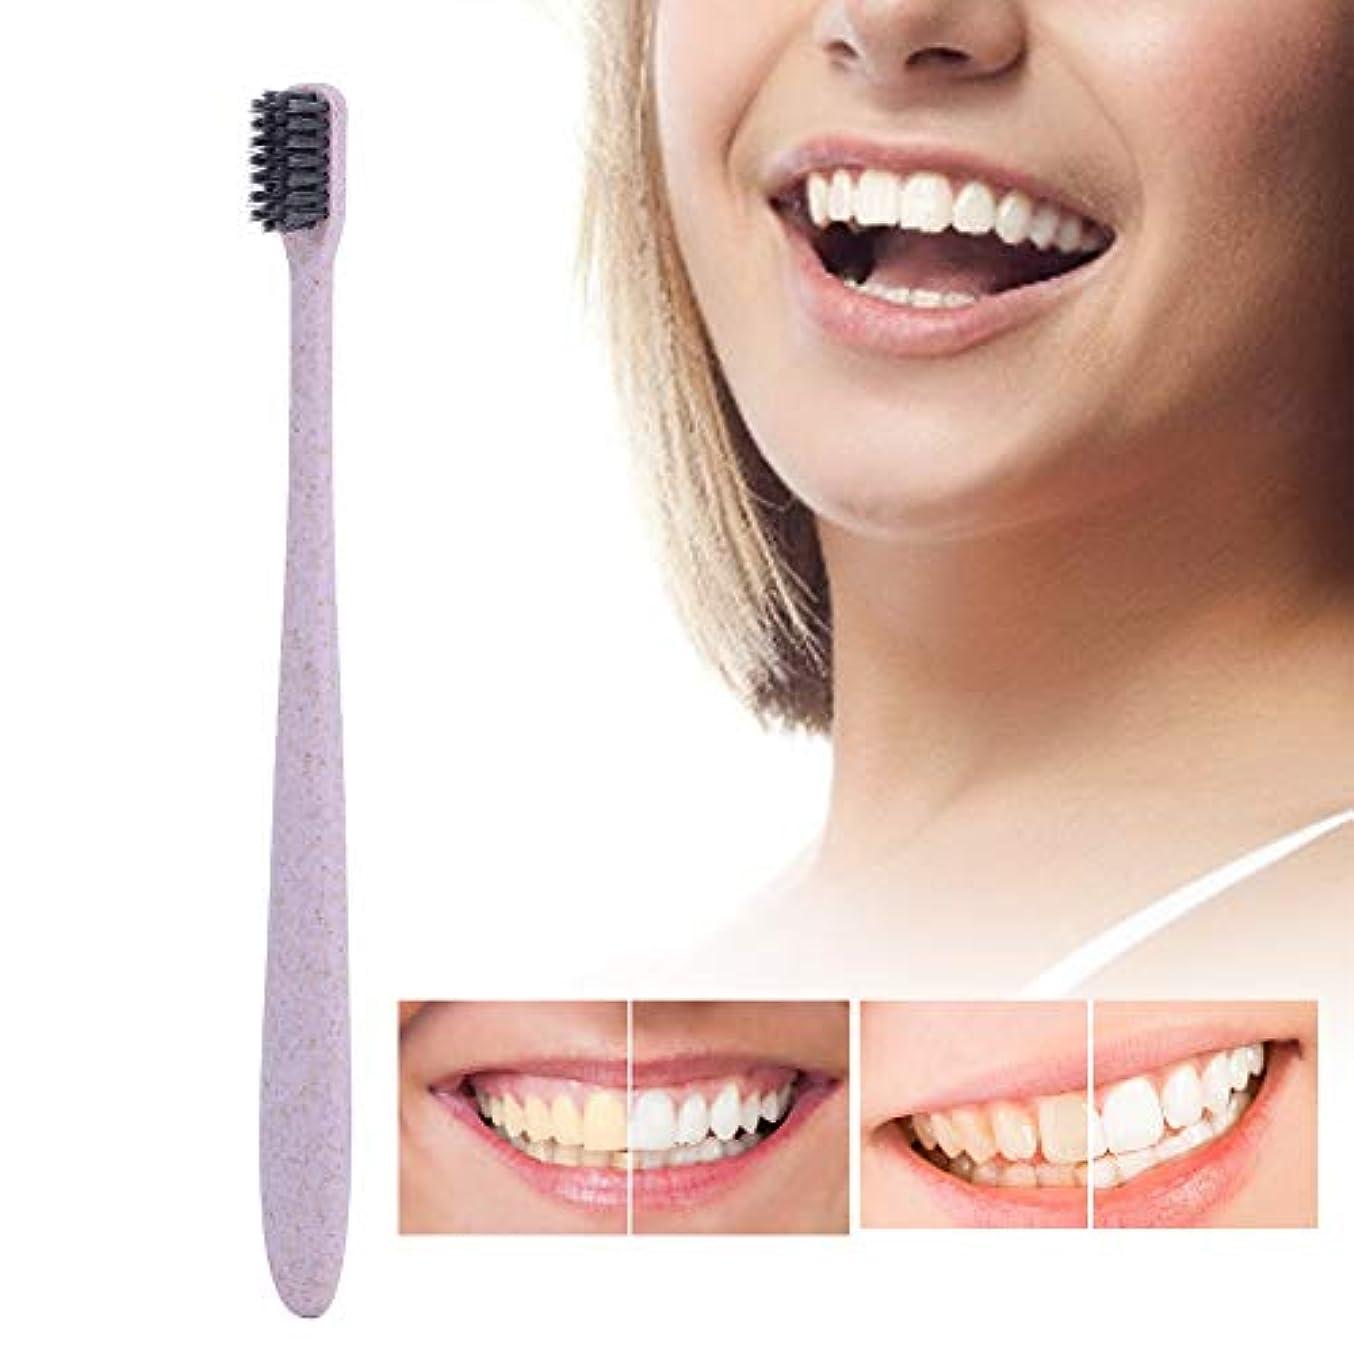 ファームモード湿地10ピース歯ブラシ、柔らかい竹炭ブラシ髪小麦ハンドル歯ブラシ大人の口腔ケア歯ブラシ